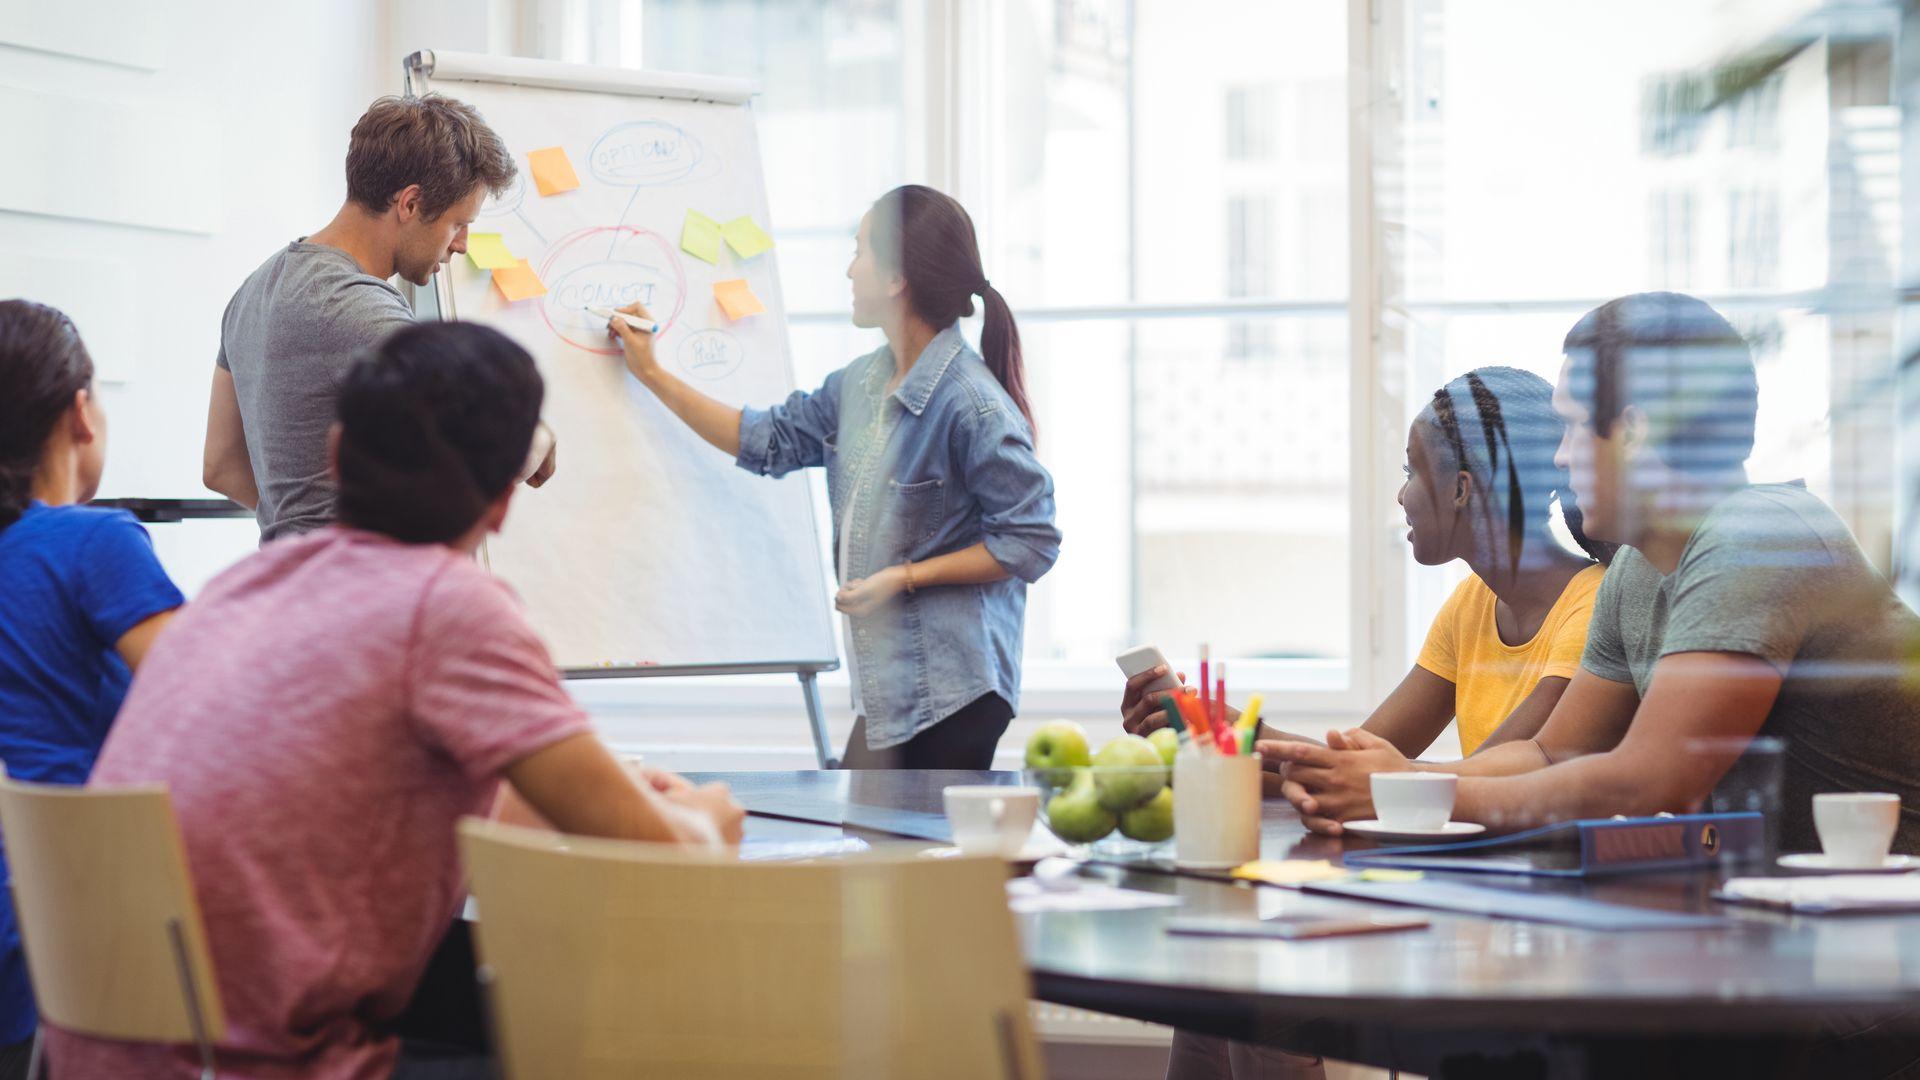 Empresas pretendem aumentar a quantidade de mulheres em seus quadros